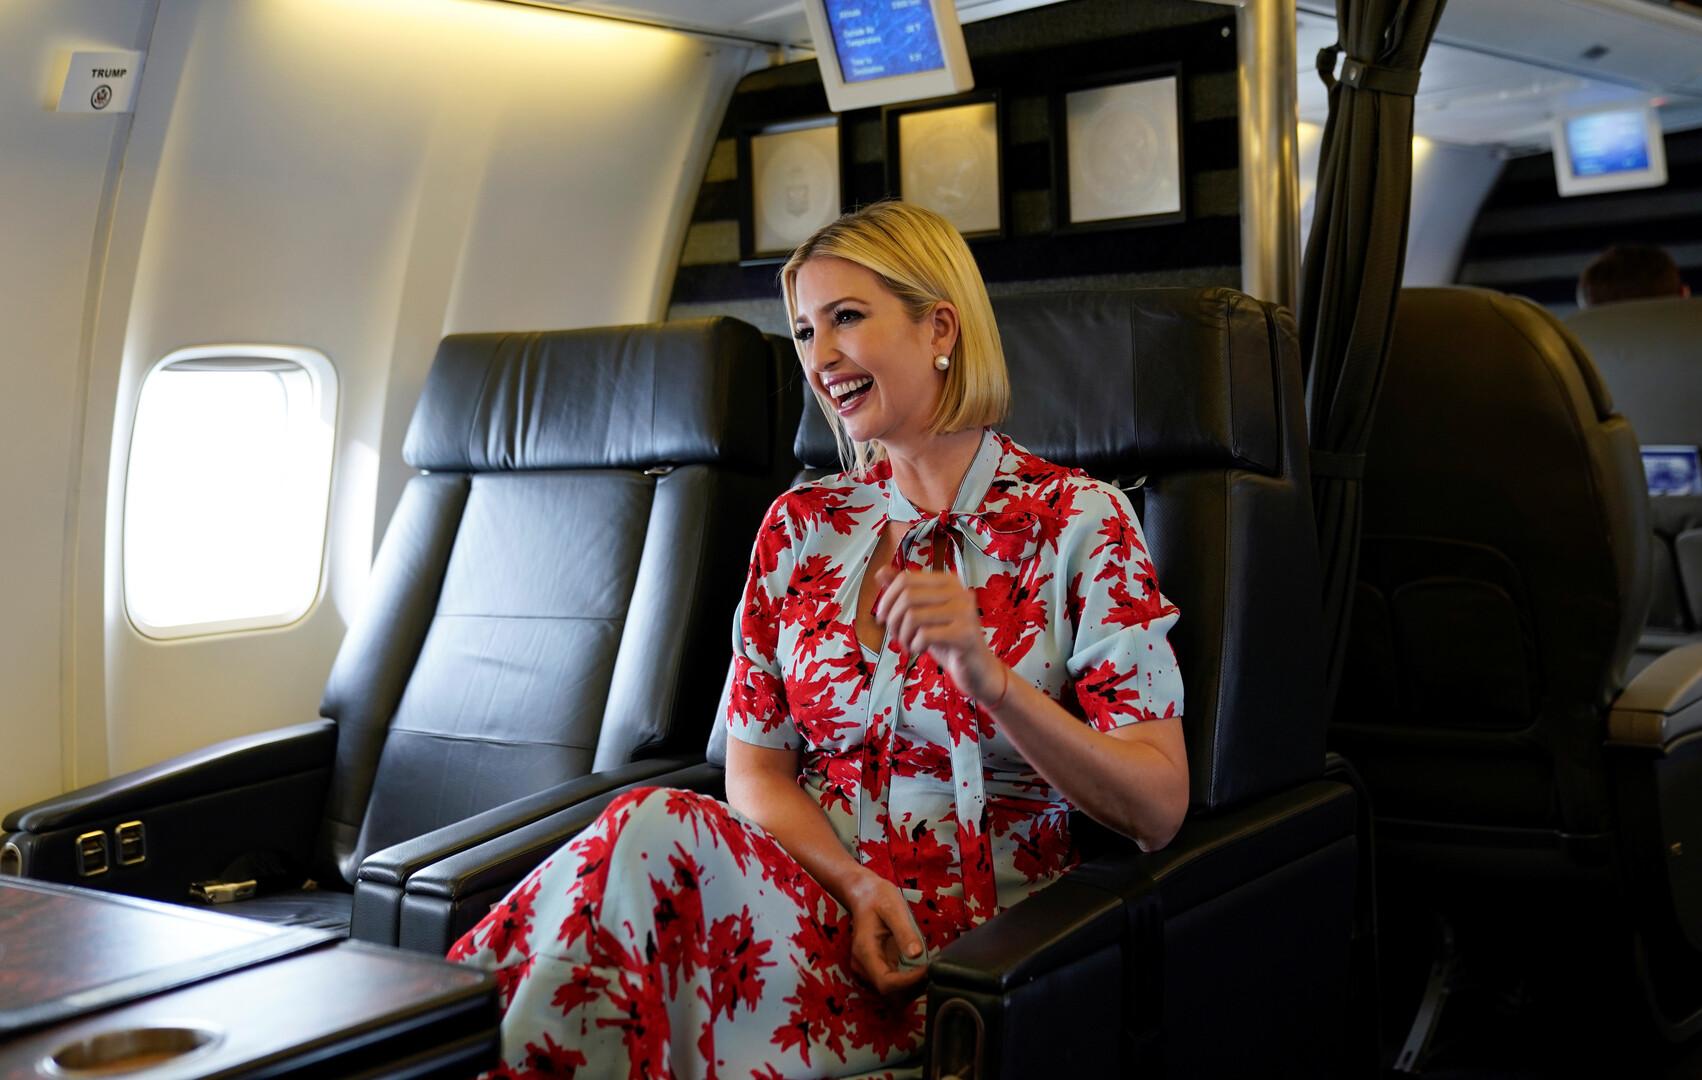 إيفانكا ترامب، ابنة ومستشارة الرئيس الأمريكي، دونالد ترامب